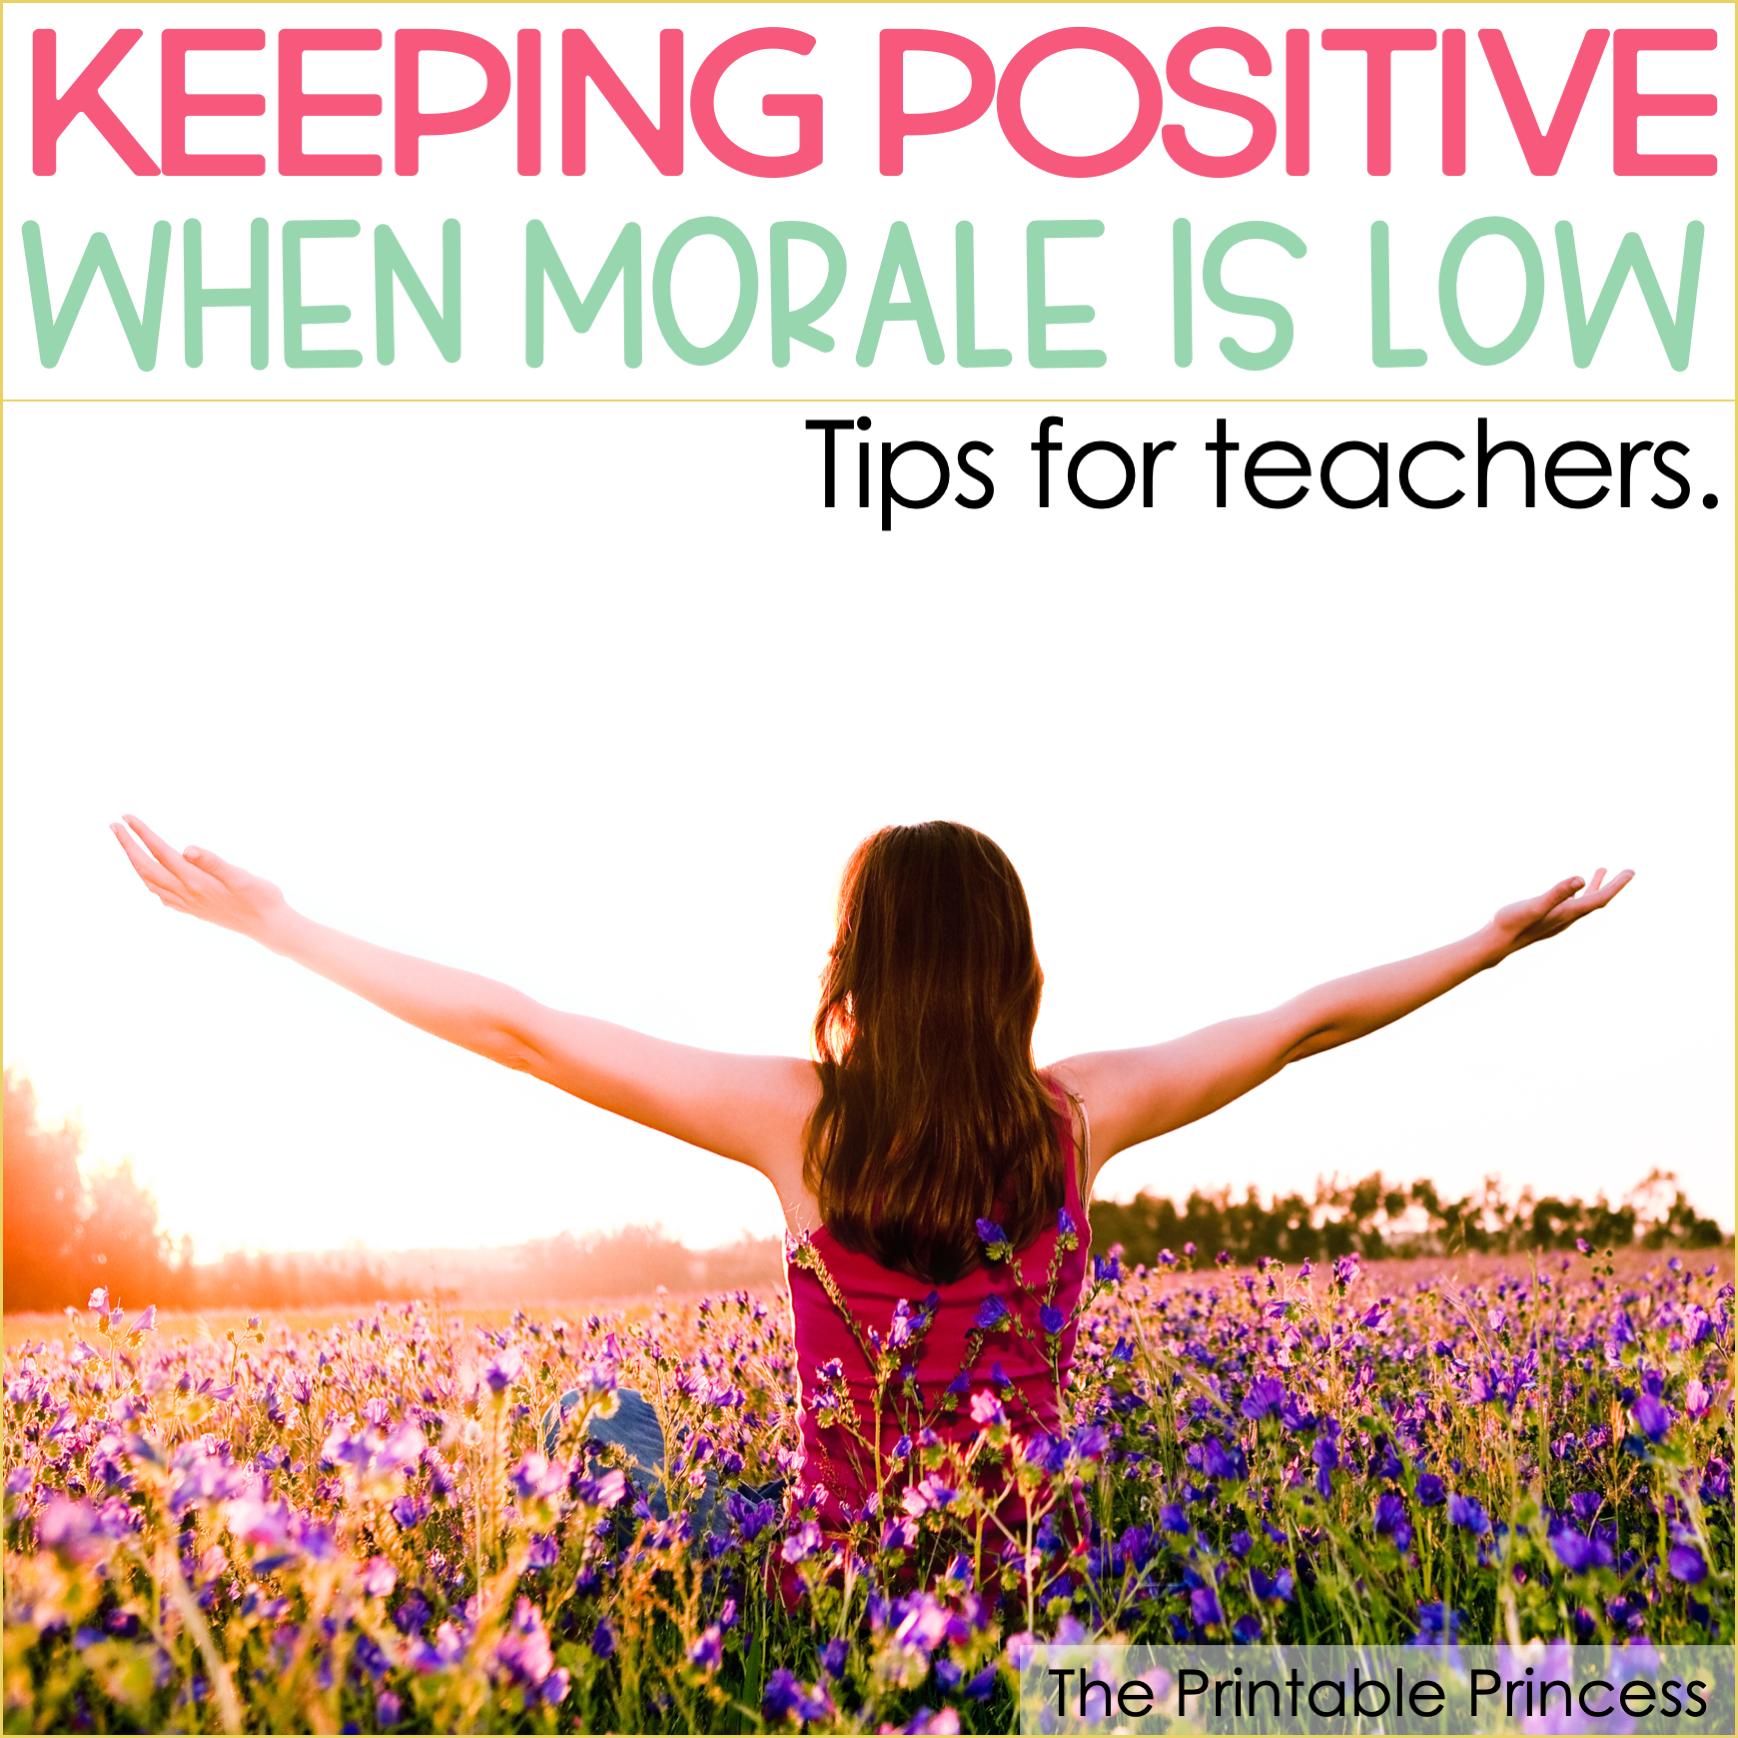 When School Morale is Low